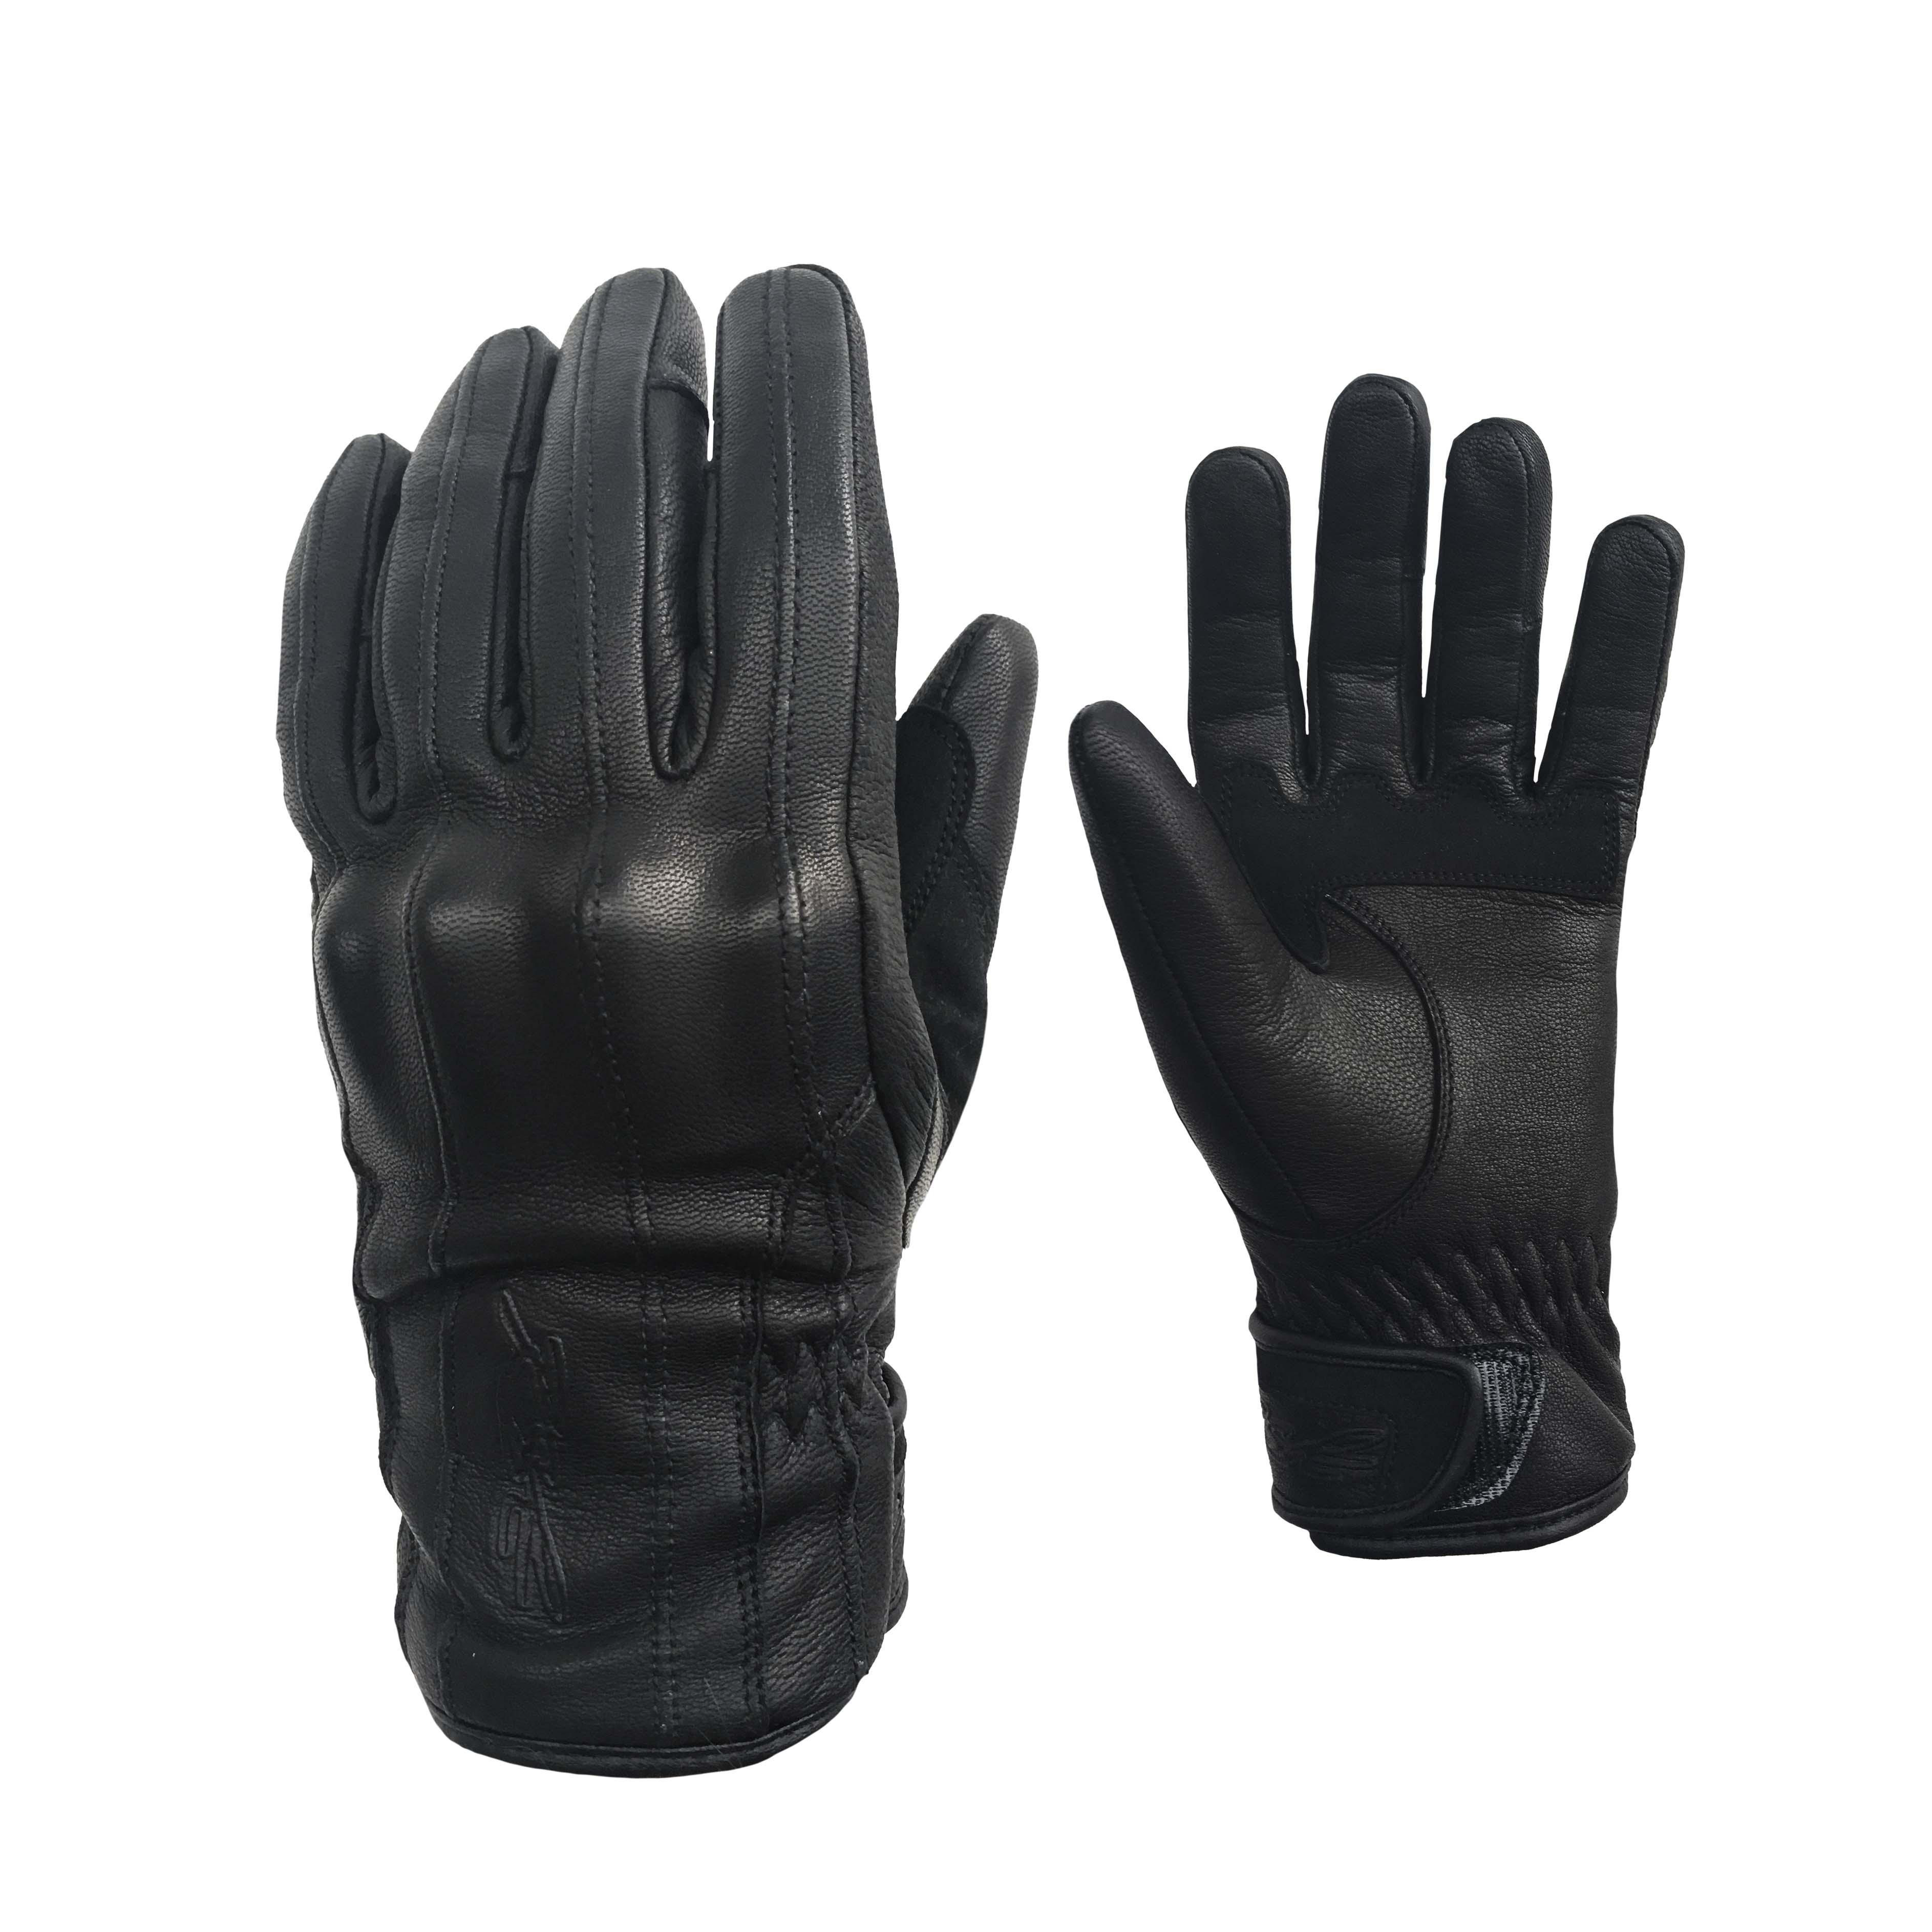 RST Kate Glove Ladies WP